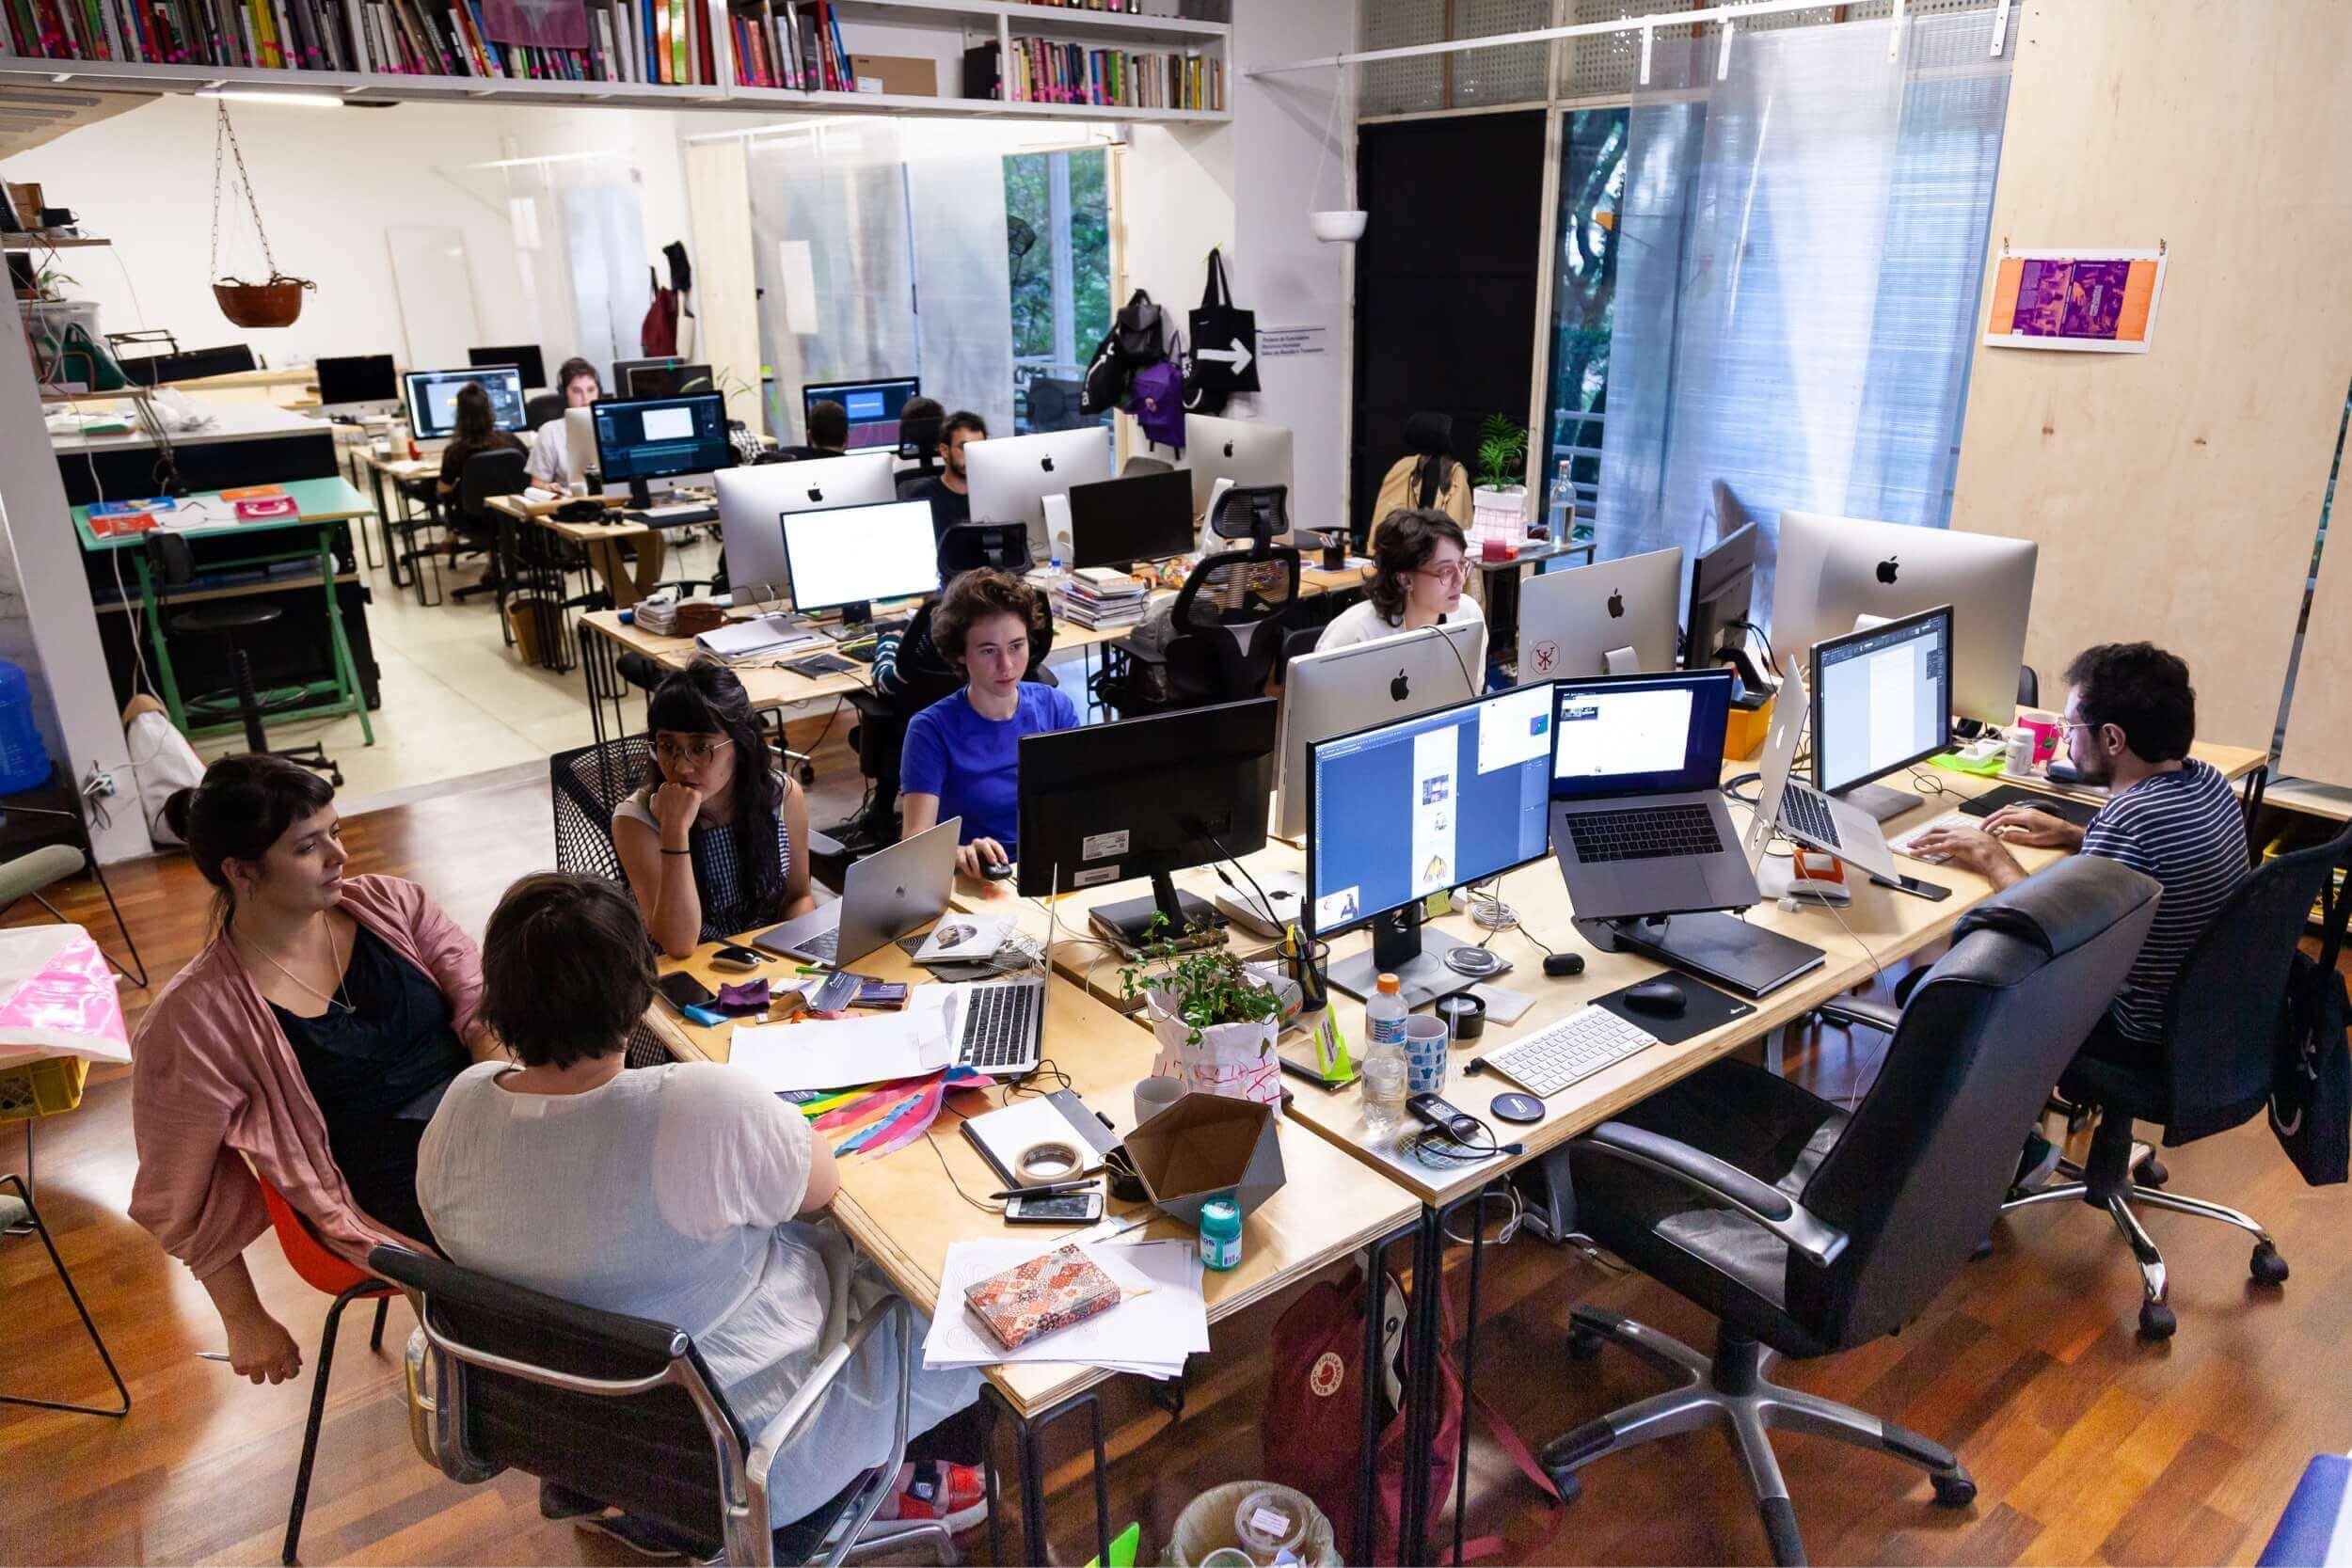 Equipe no Platô. Na foto: Elisa, Julia, Karina Aoki (parceira), Sofia Tomic (ex-estagiária), Beatriz Dorea (ex-assistente) e Alexandre Mendes (assistente). Foto por Rodrigo Lins.